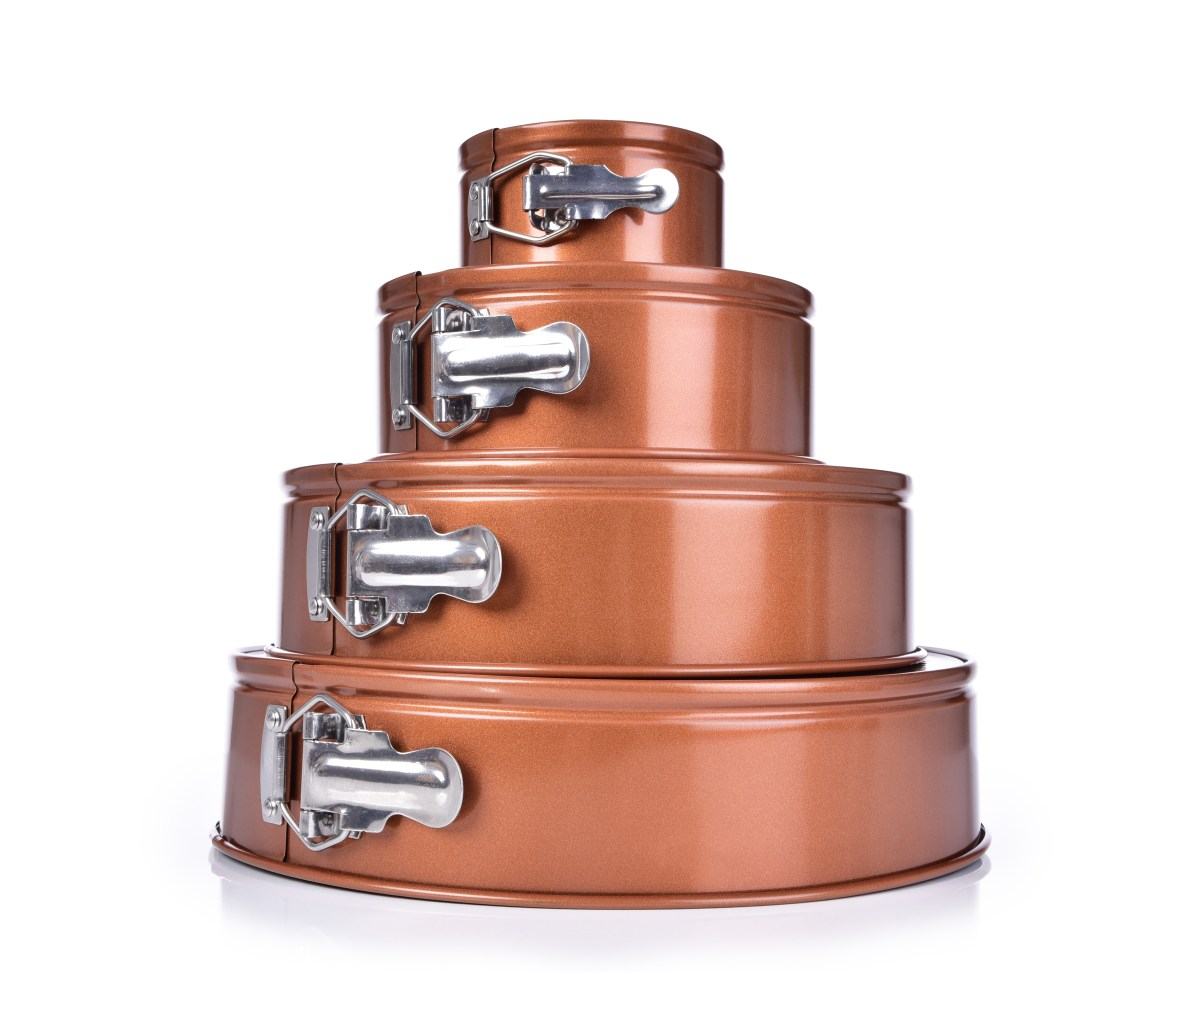 DORTOVÁ rozkládací forma, ø 24 cm, BIOPAN® GOLD, kulatá